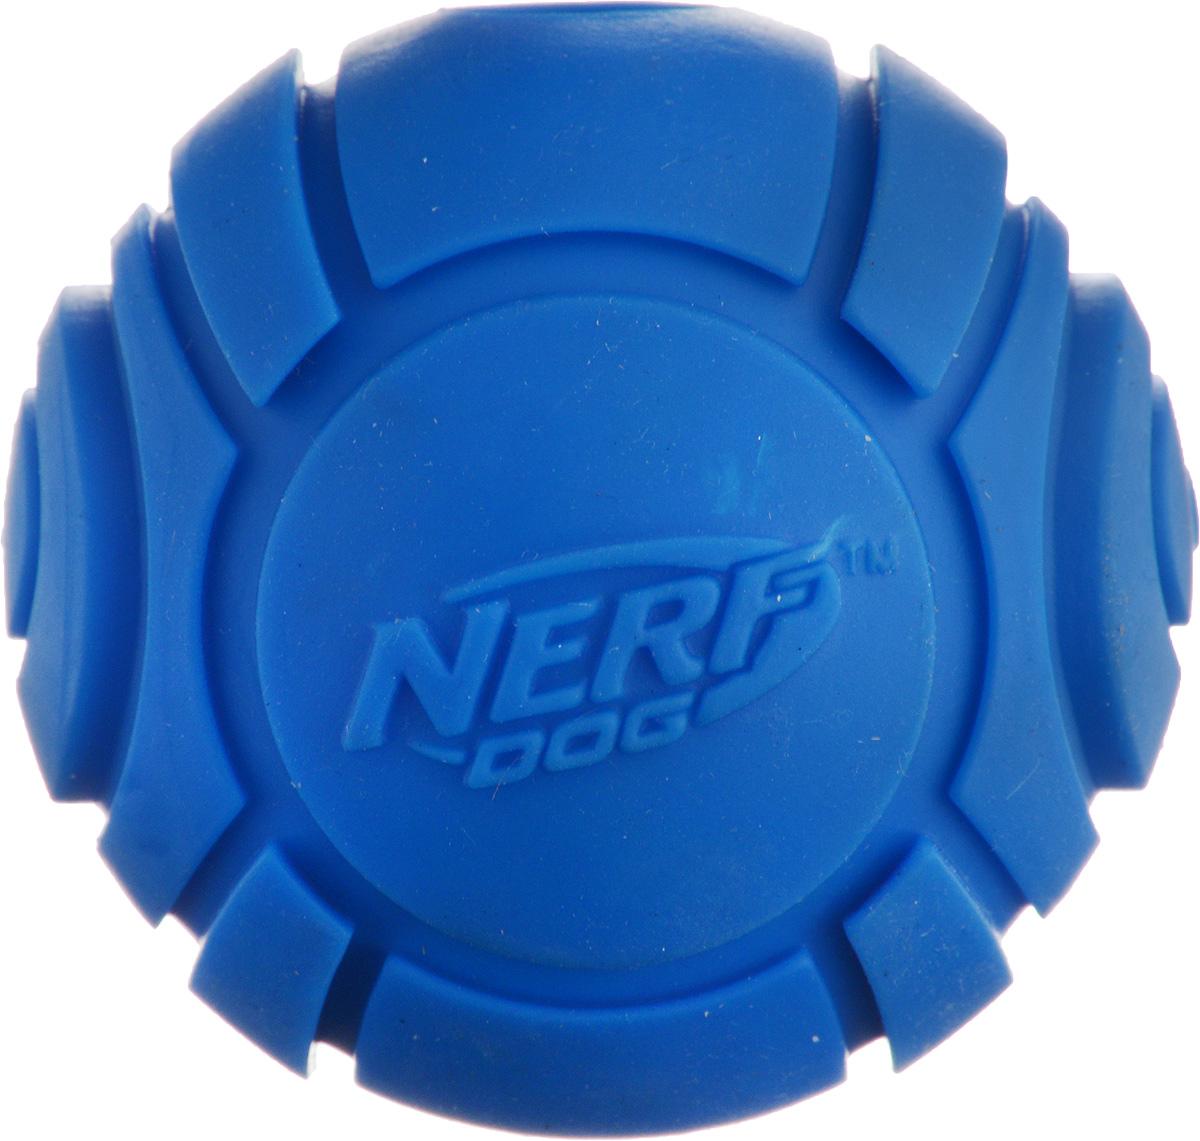 Игрушка для собак Nerf Мяч теннисный для бластера, цвет: синий, диаметр 6 смGLG026Игрушка для собак Nerf Мяч теннисный для бластера, изготовленный из прочной долговечной резины, не позволит скучать вашему питомцу и дома, и на улице. Изделие великолепно подходит для игры и массажа десен вашего питомца. Диаметр мяча: 6 см.